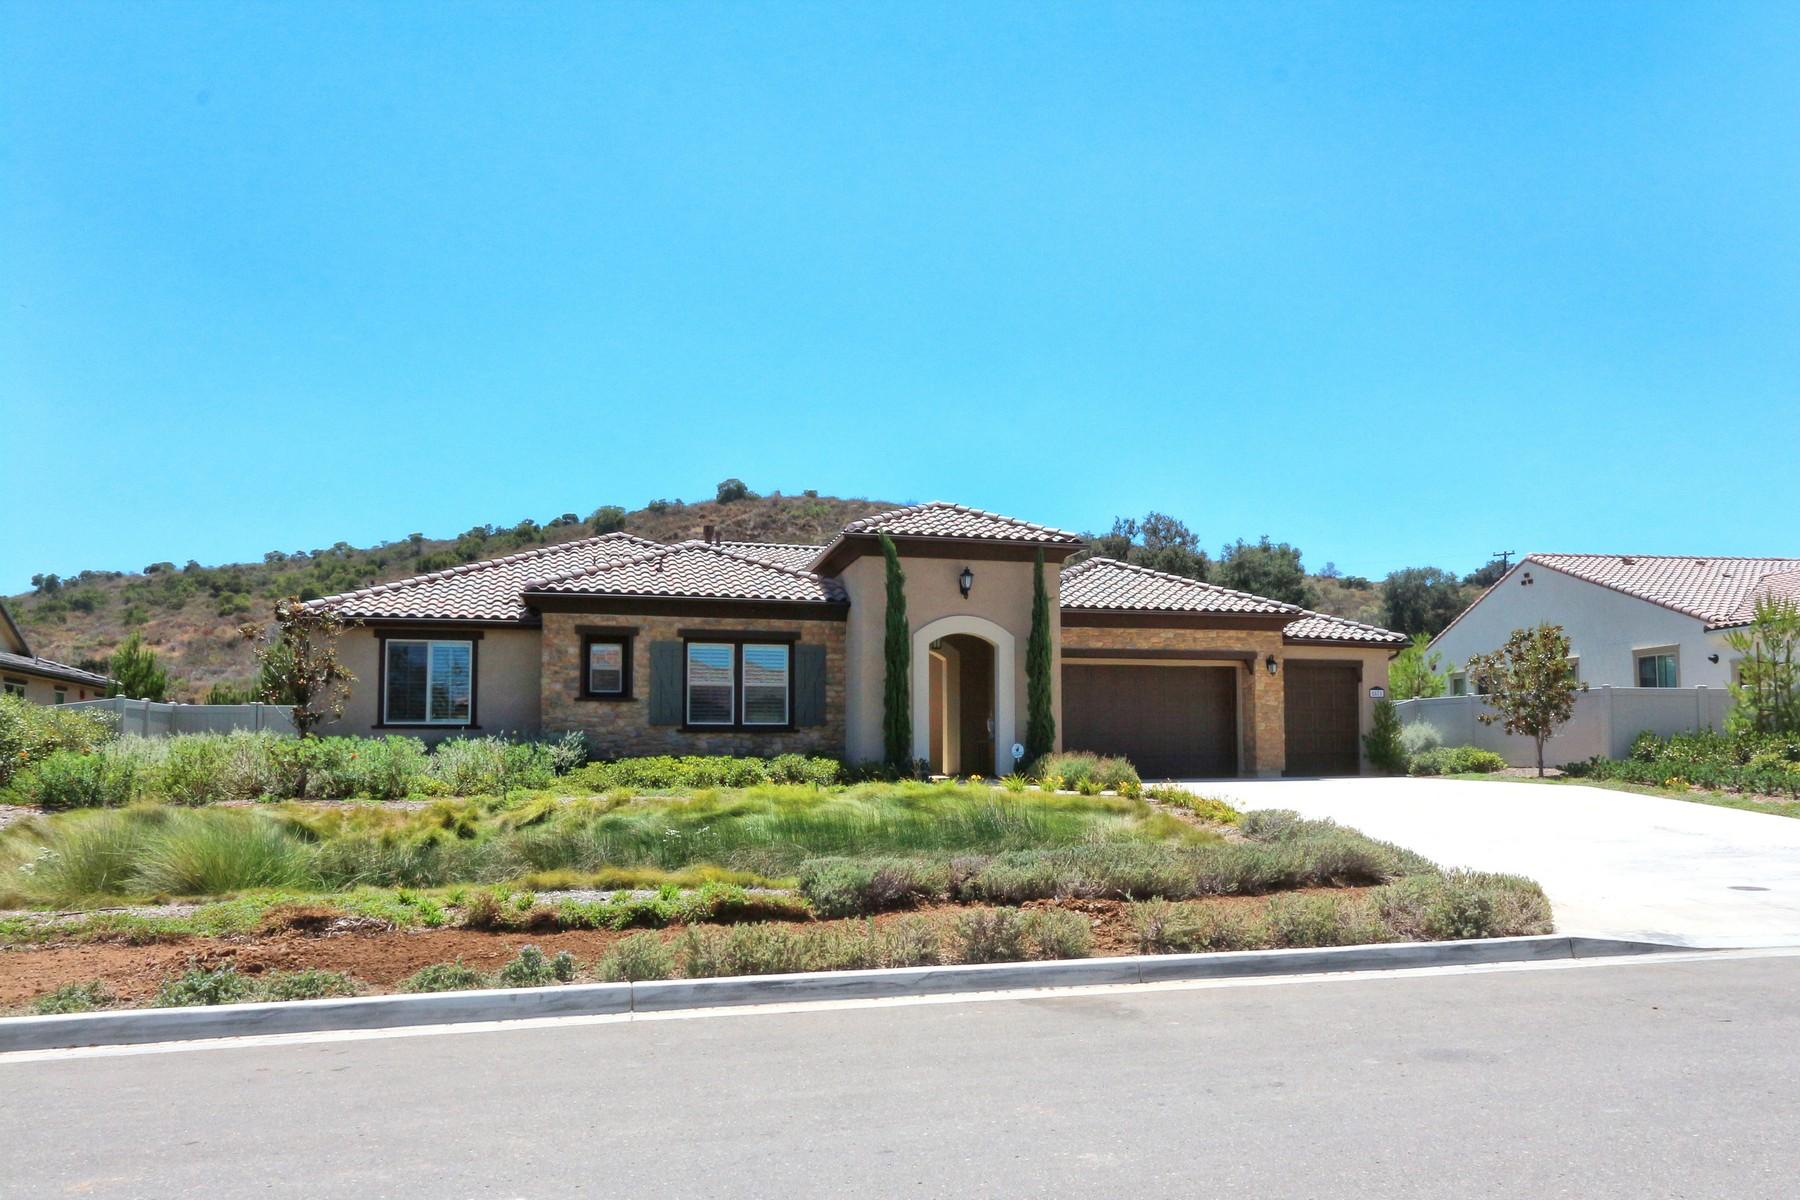 Maison unifamiliale pour l Vente à Olive Hill 5871 Rancho Del Caballo Bonsall, Californie 92003 États-Unis